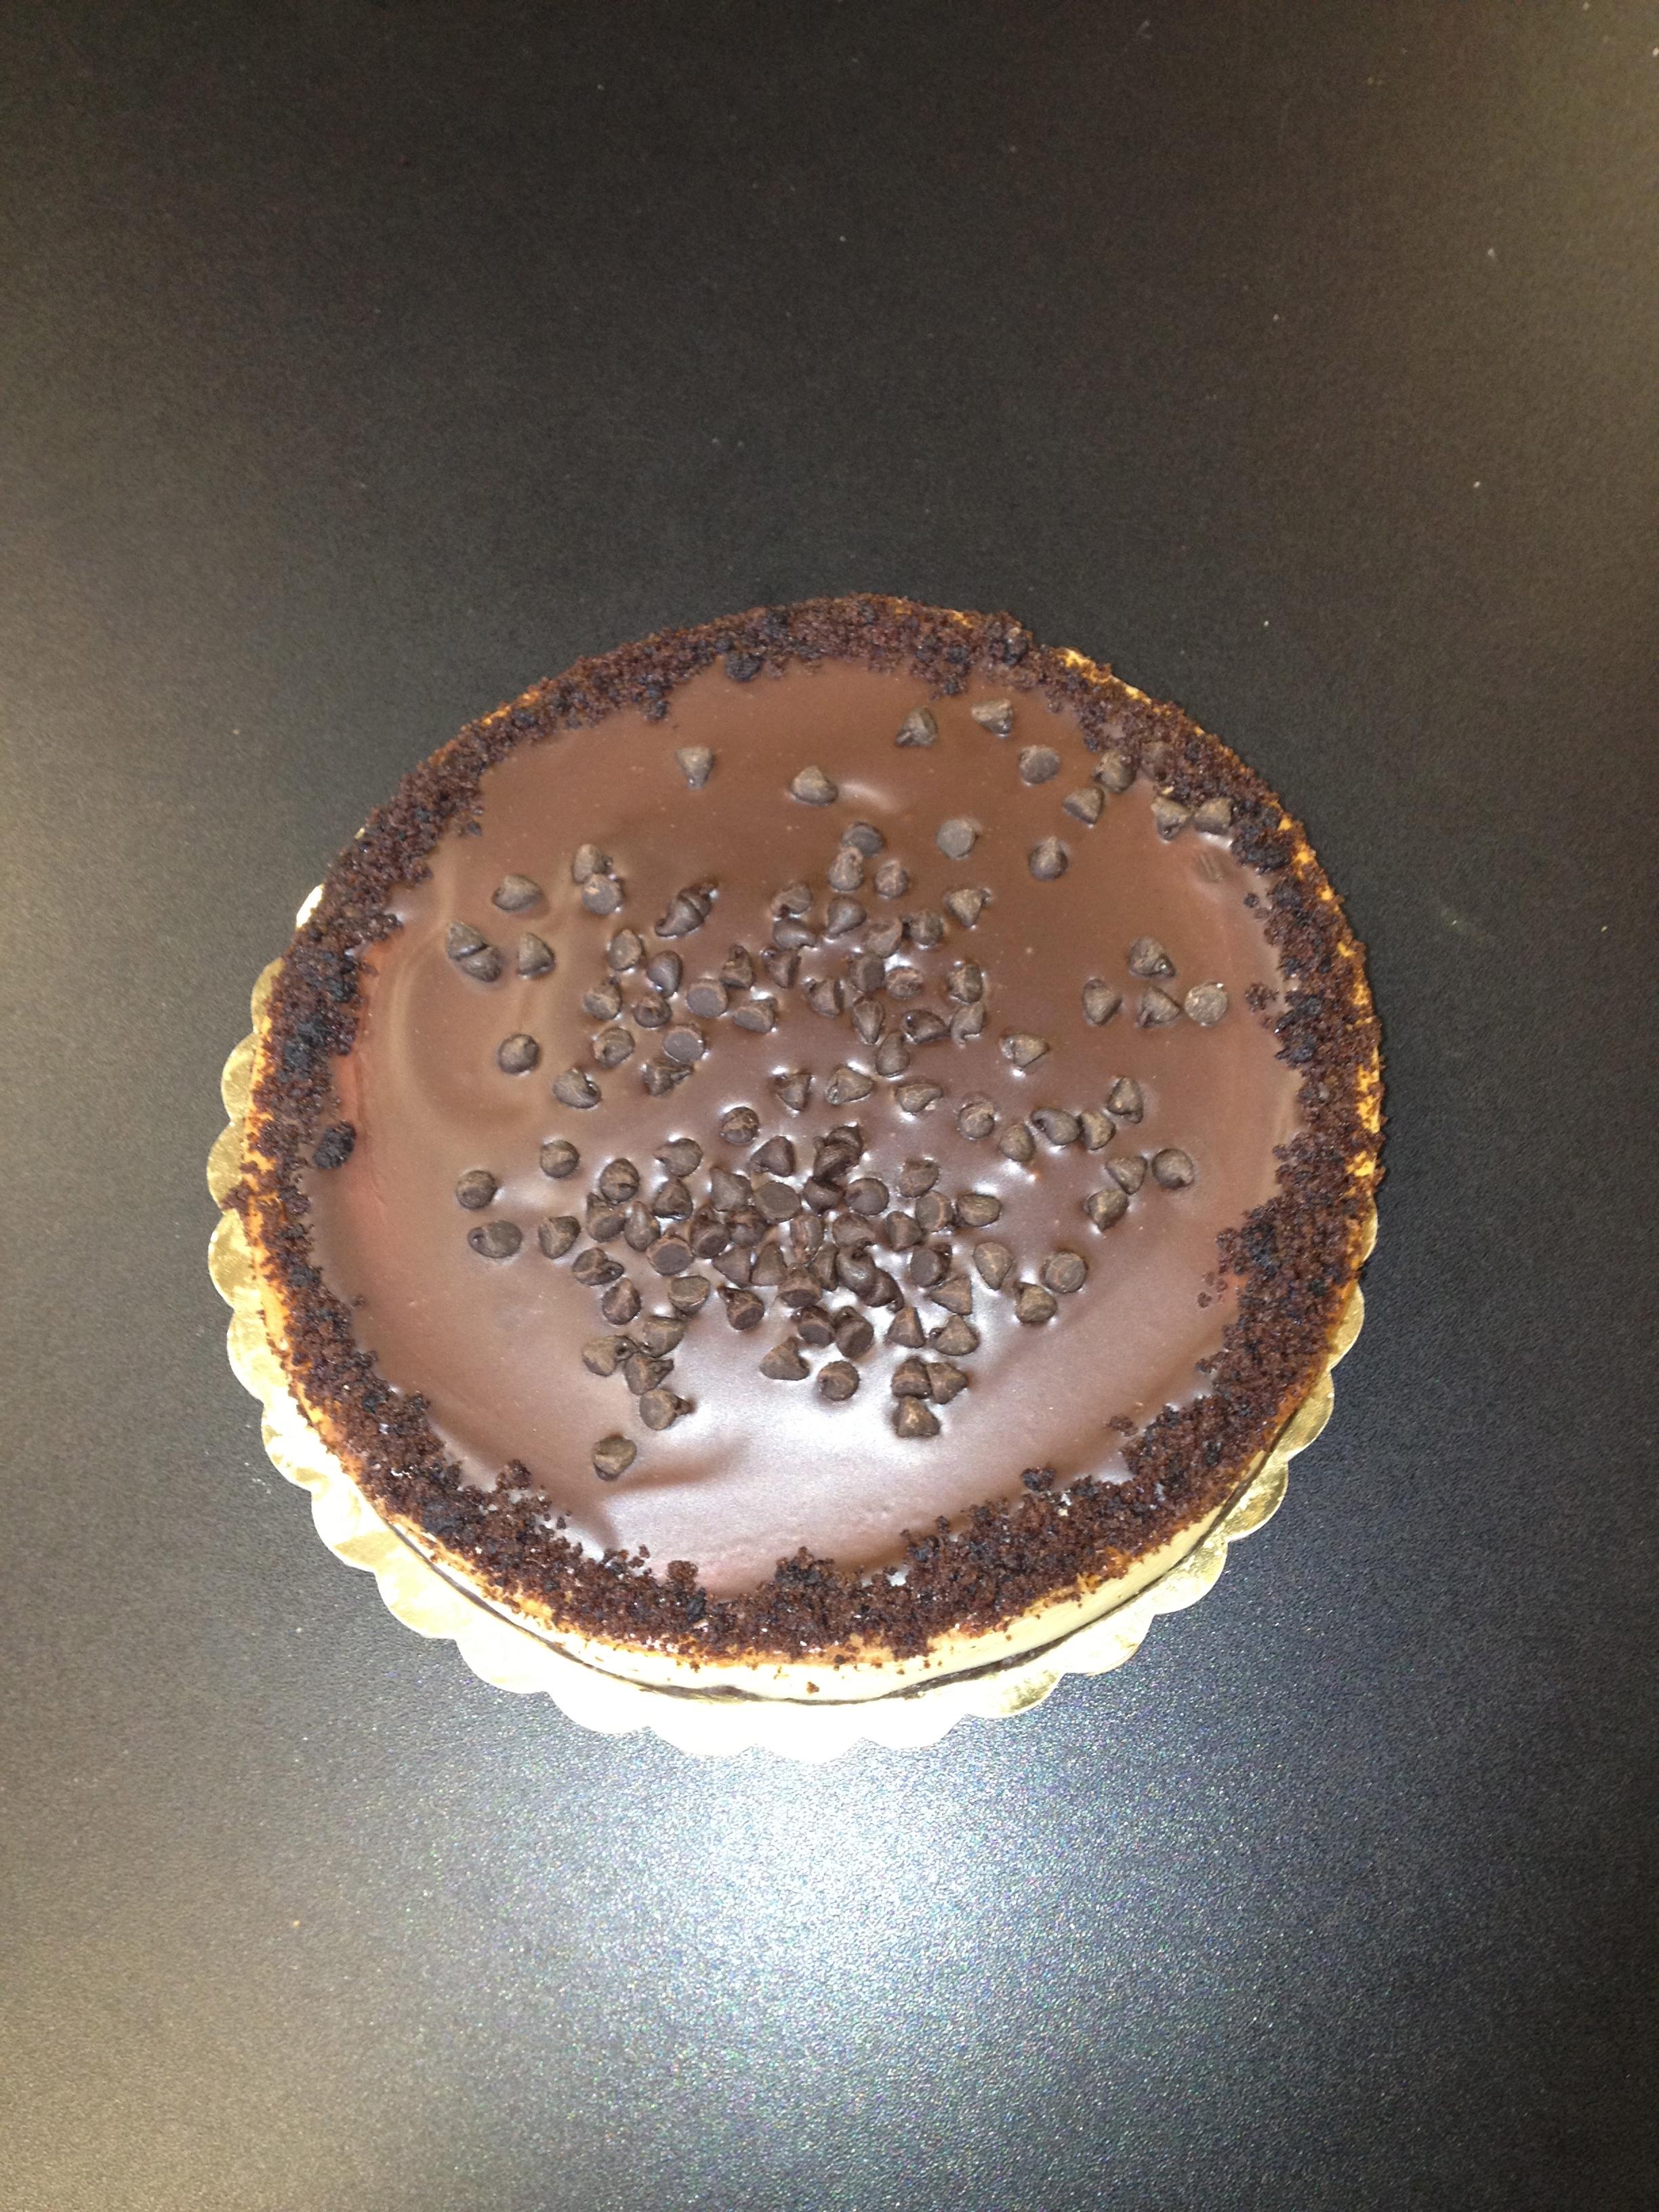 Brownie Chocloate Cheesecake